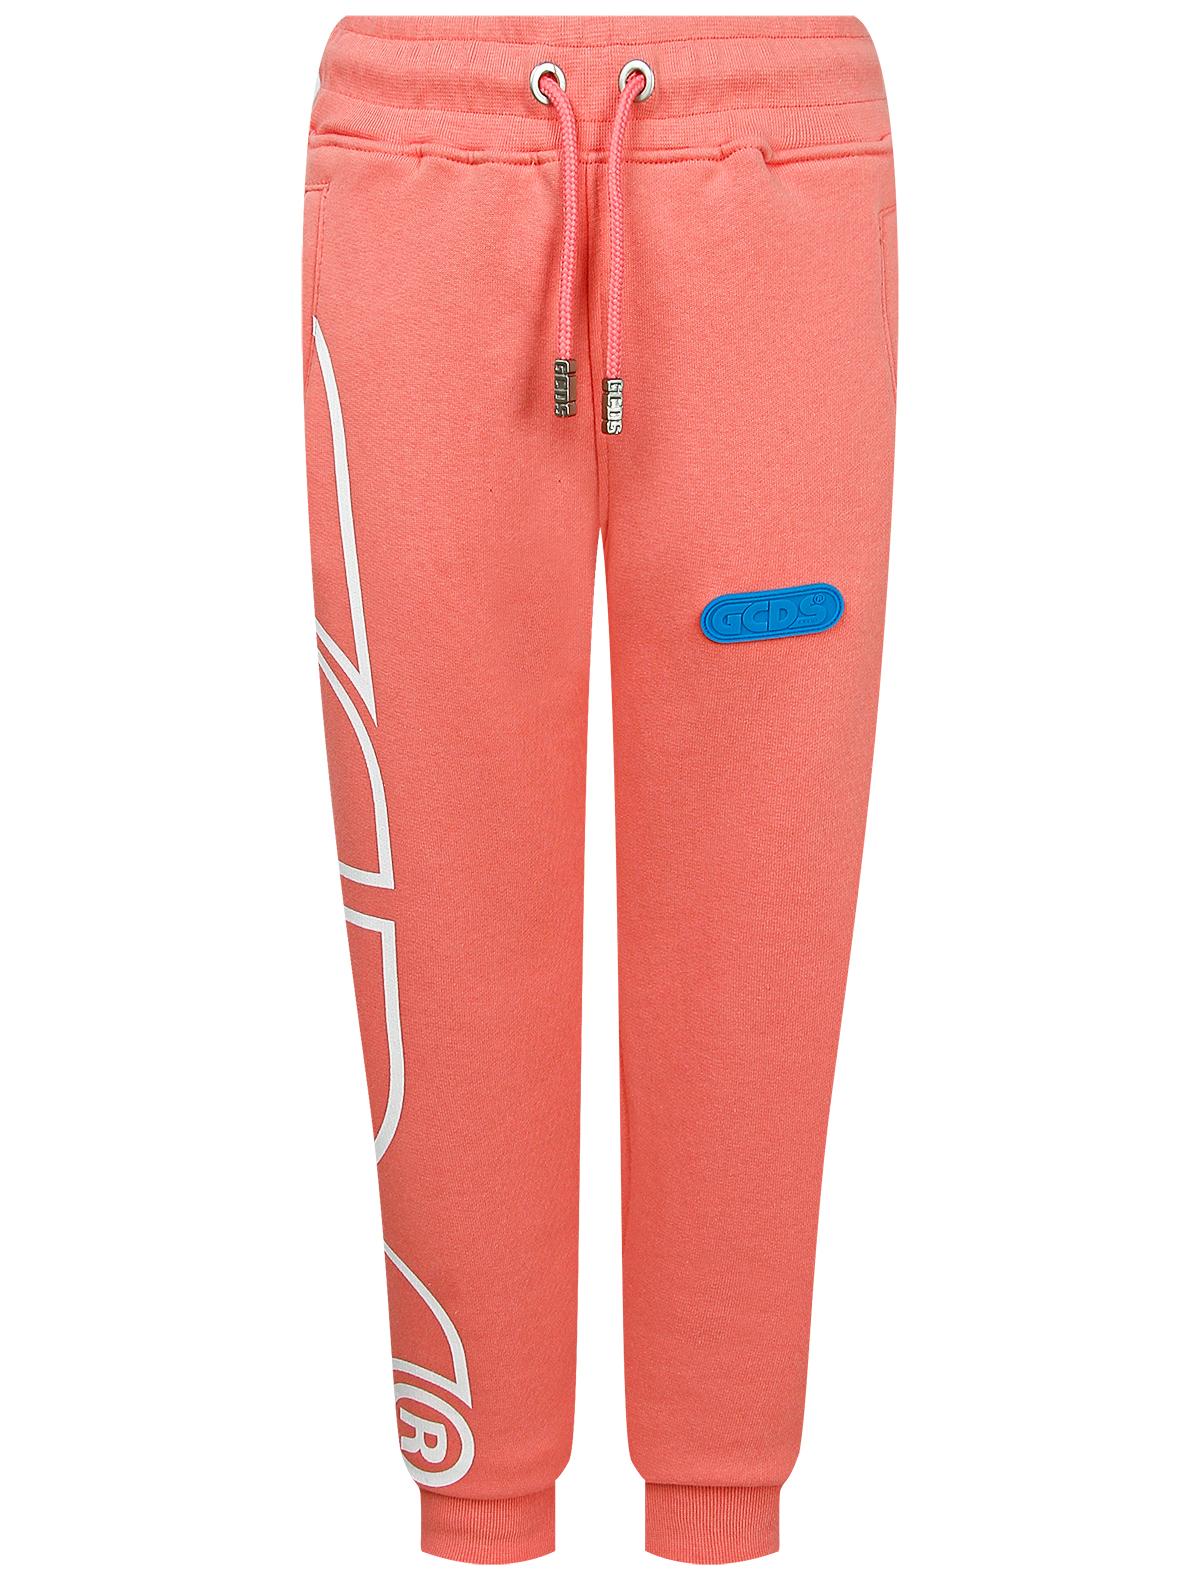 Купить 2340962, Брюки спортивные GCDS mini, розовый, Женский, 4244509181273